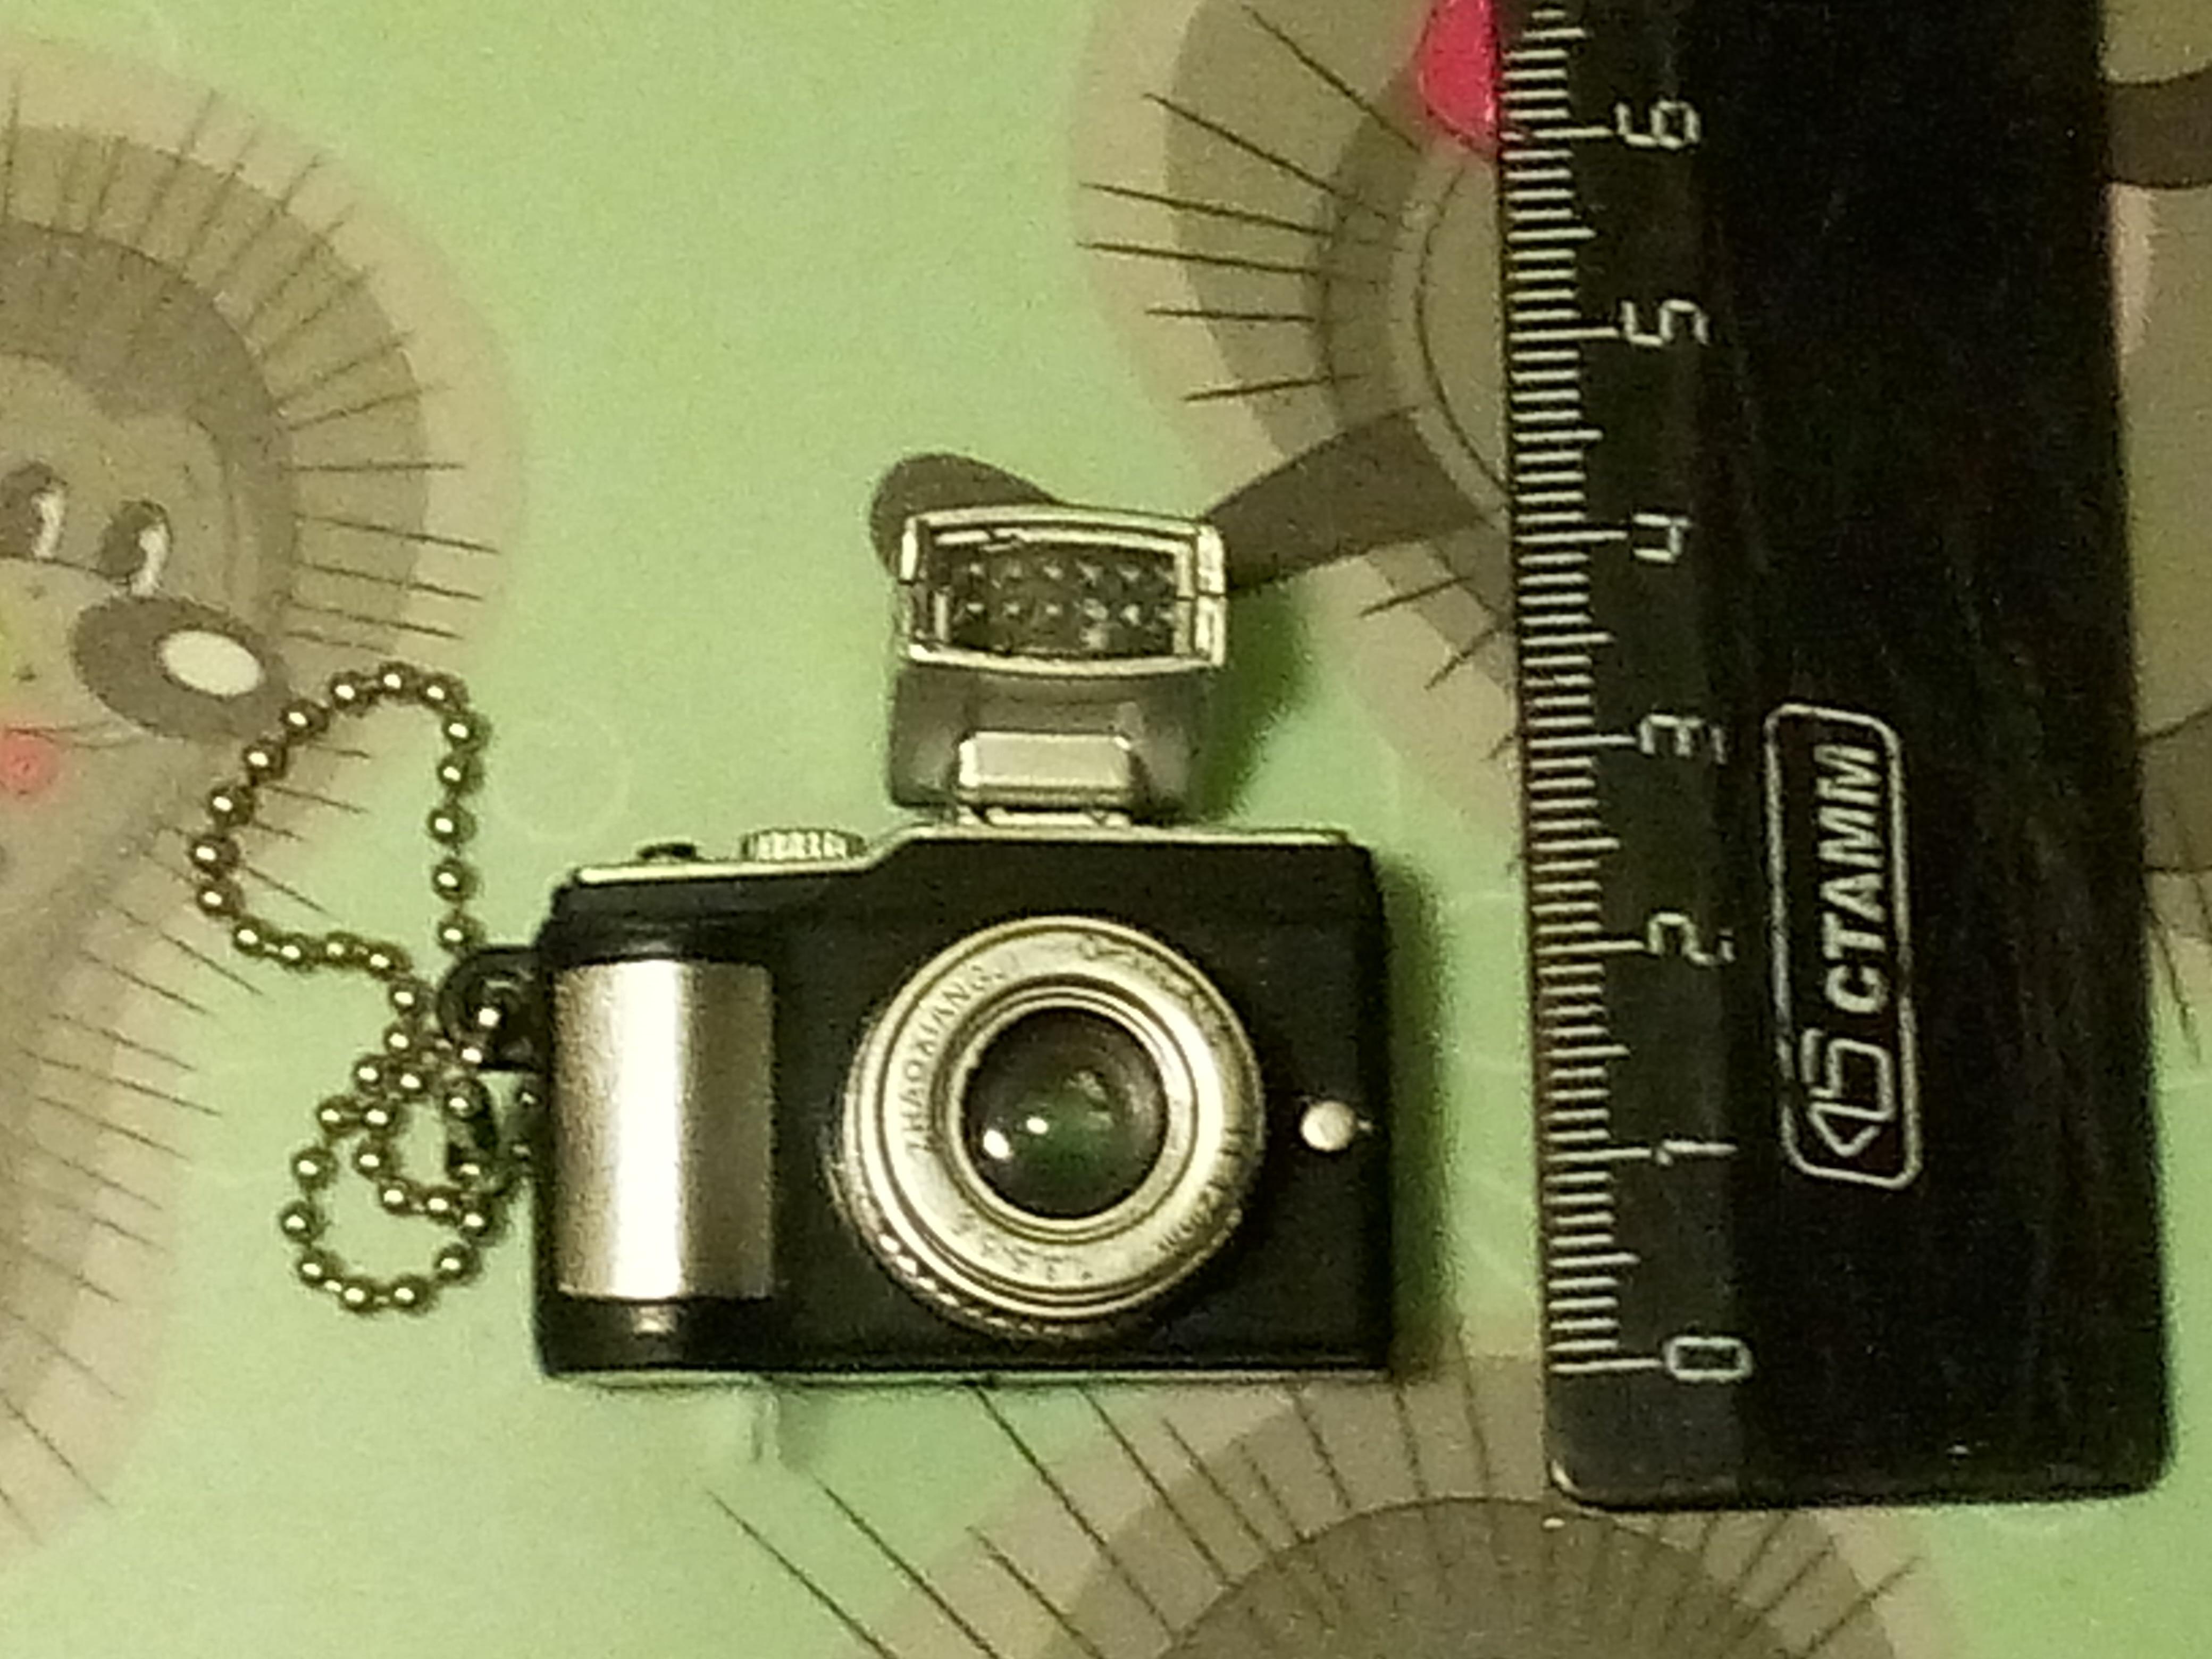 Пол:: Унисекс; фоны для фото студия занавес; светильник фото; Материал:: металл + АБС-пластик;